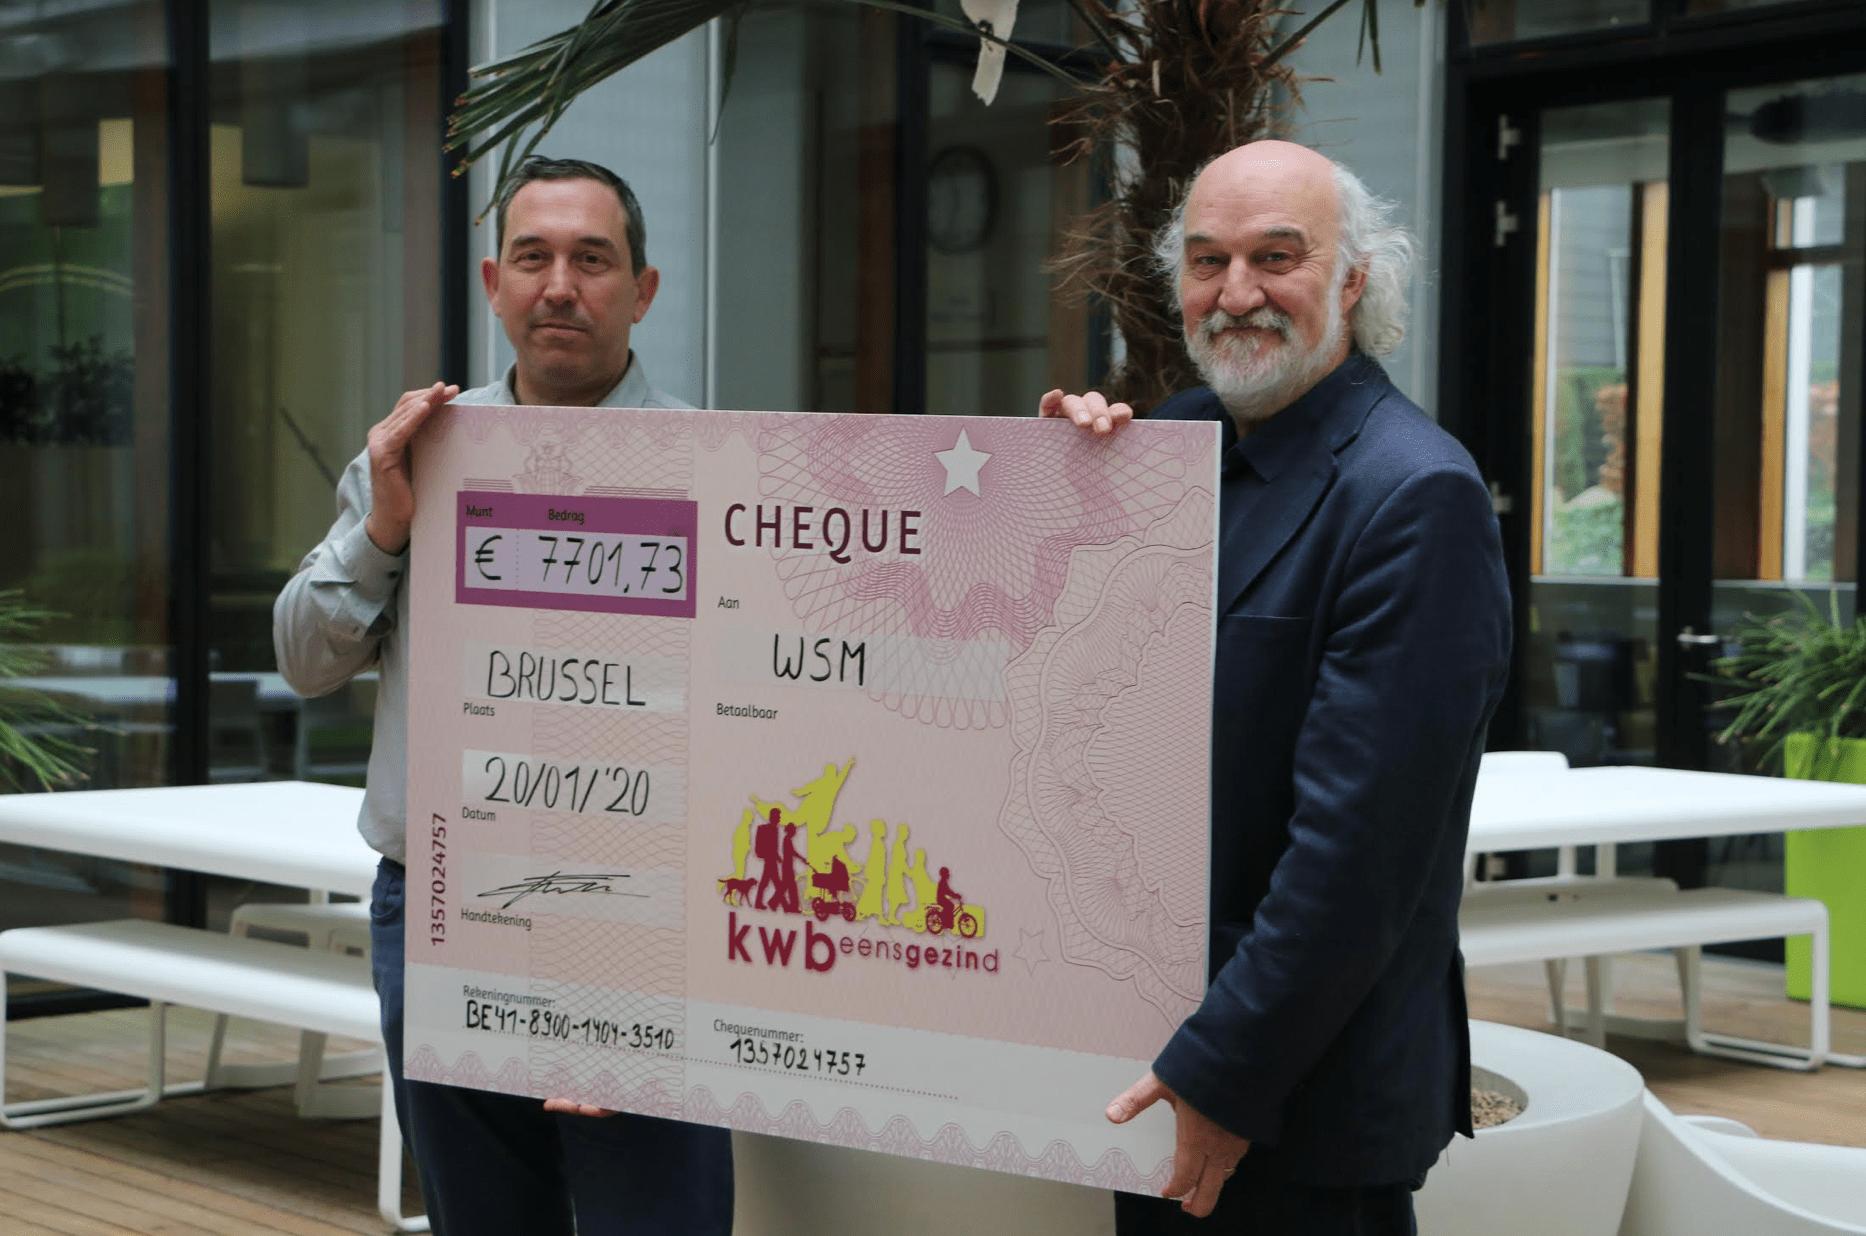 Foto: Kwb-voorzitter Wim Verlinde overhandigt de cheque met het verzamelde bedrag aan André Kiekens, algemeen secretaris van WSM.